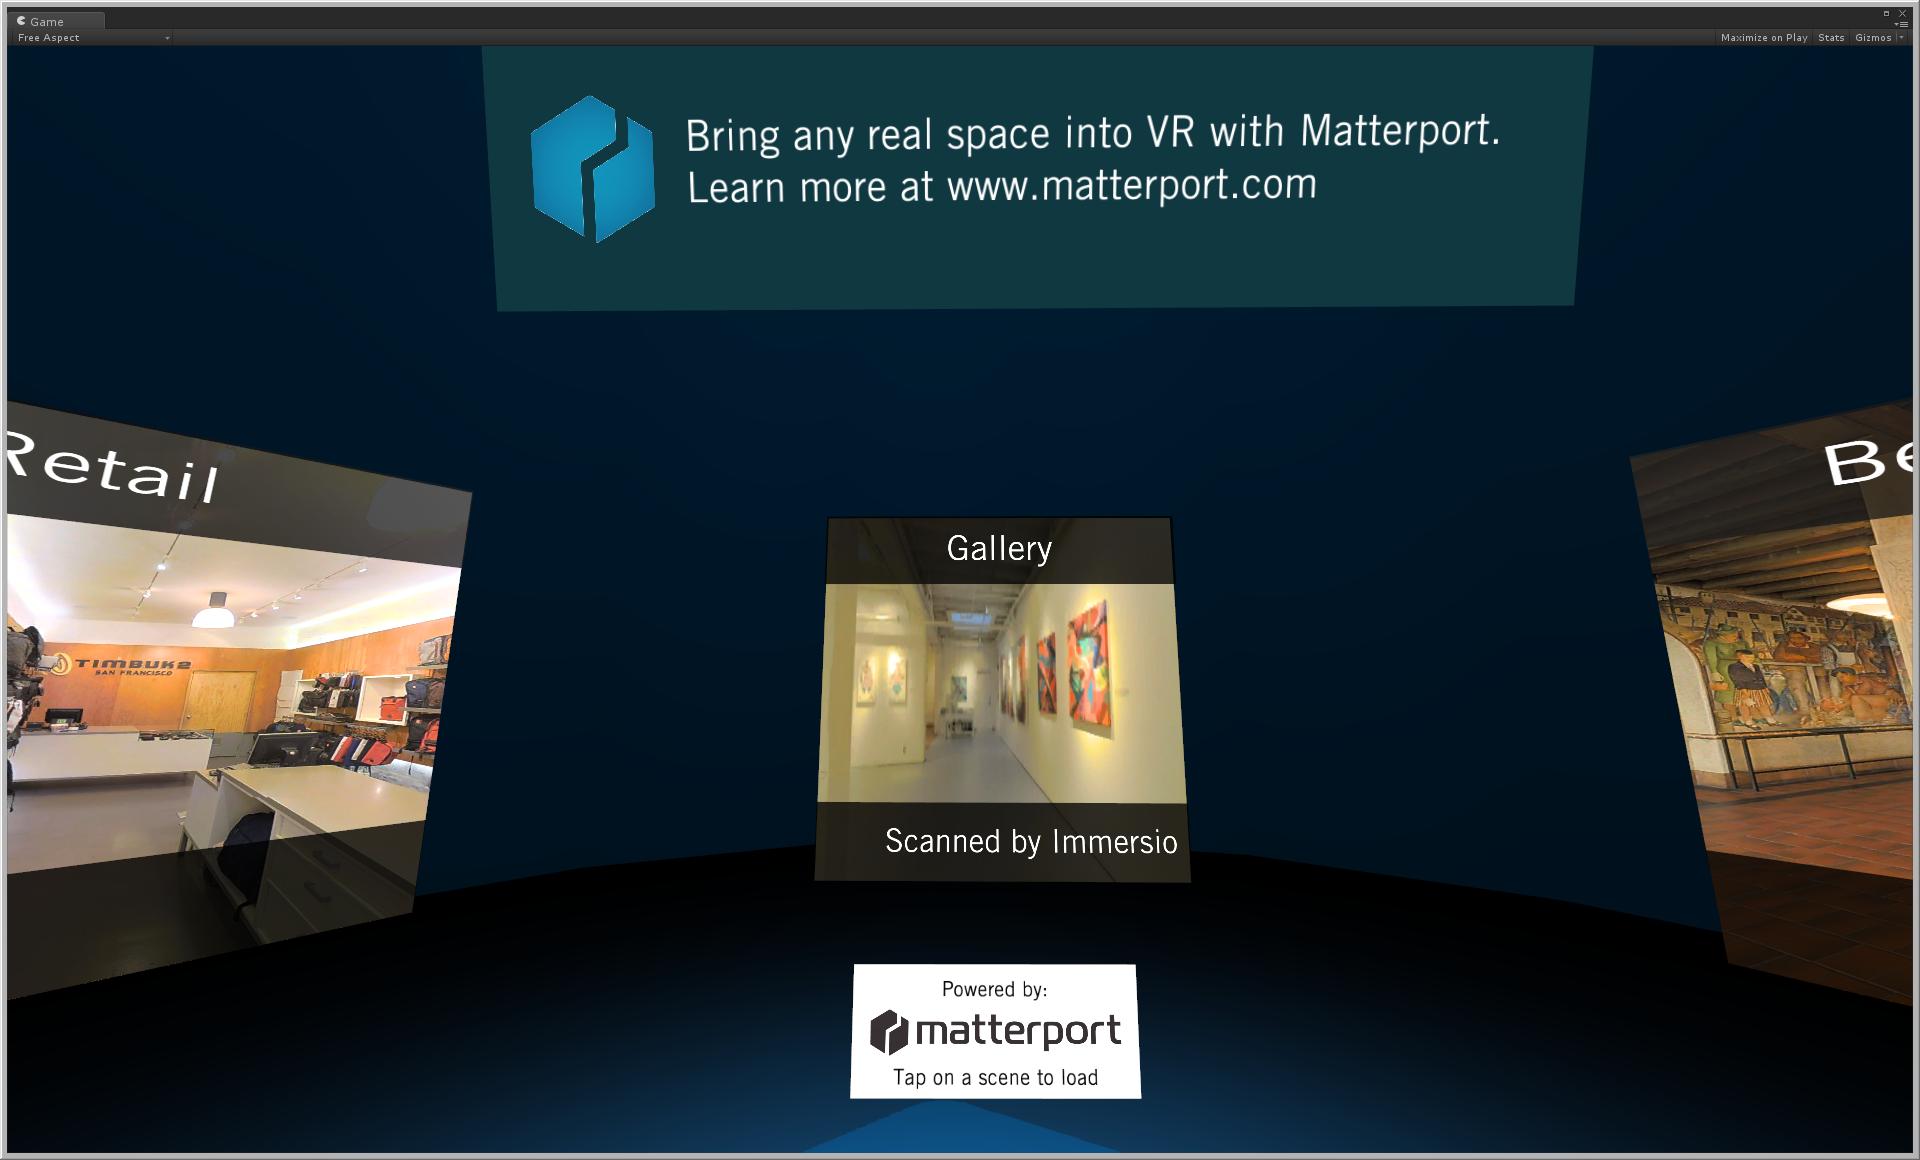 Matterport GearVR experience